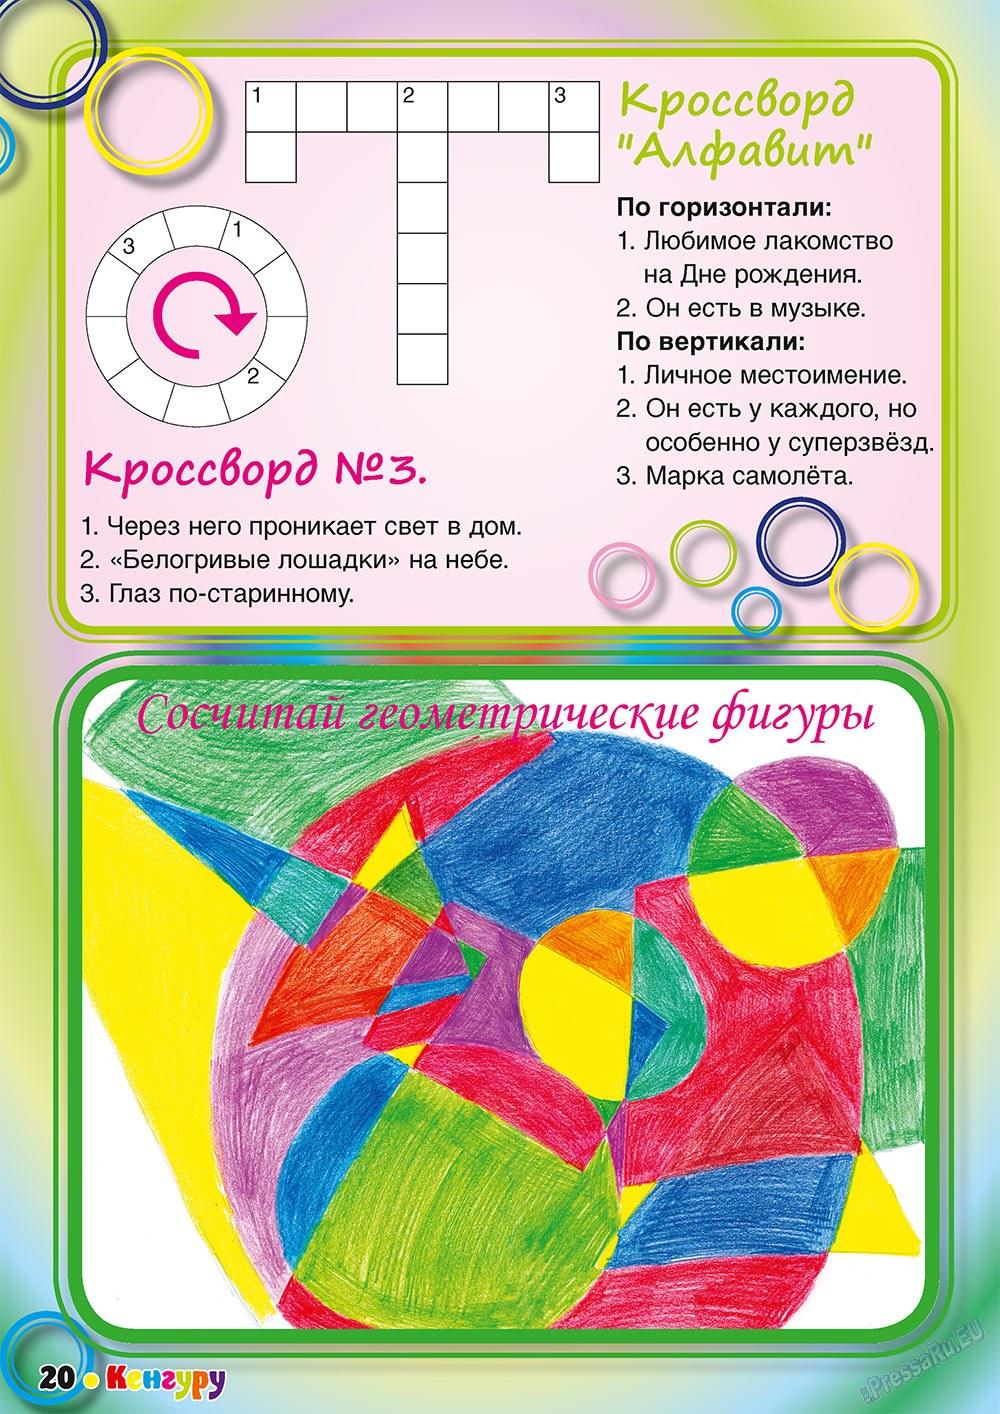 Кенгуру (журнал). 2011 год, номер 2, стр. 20